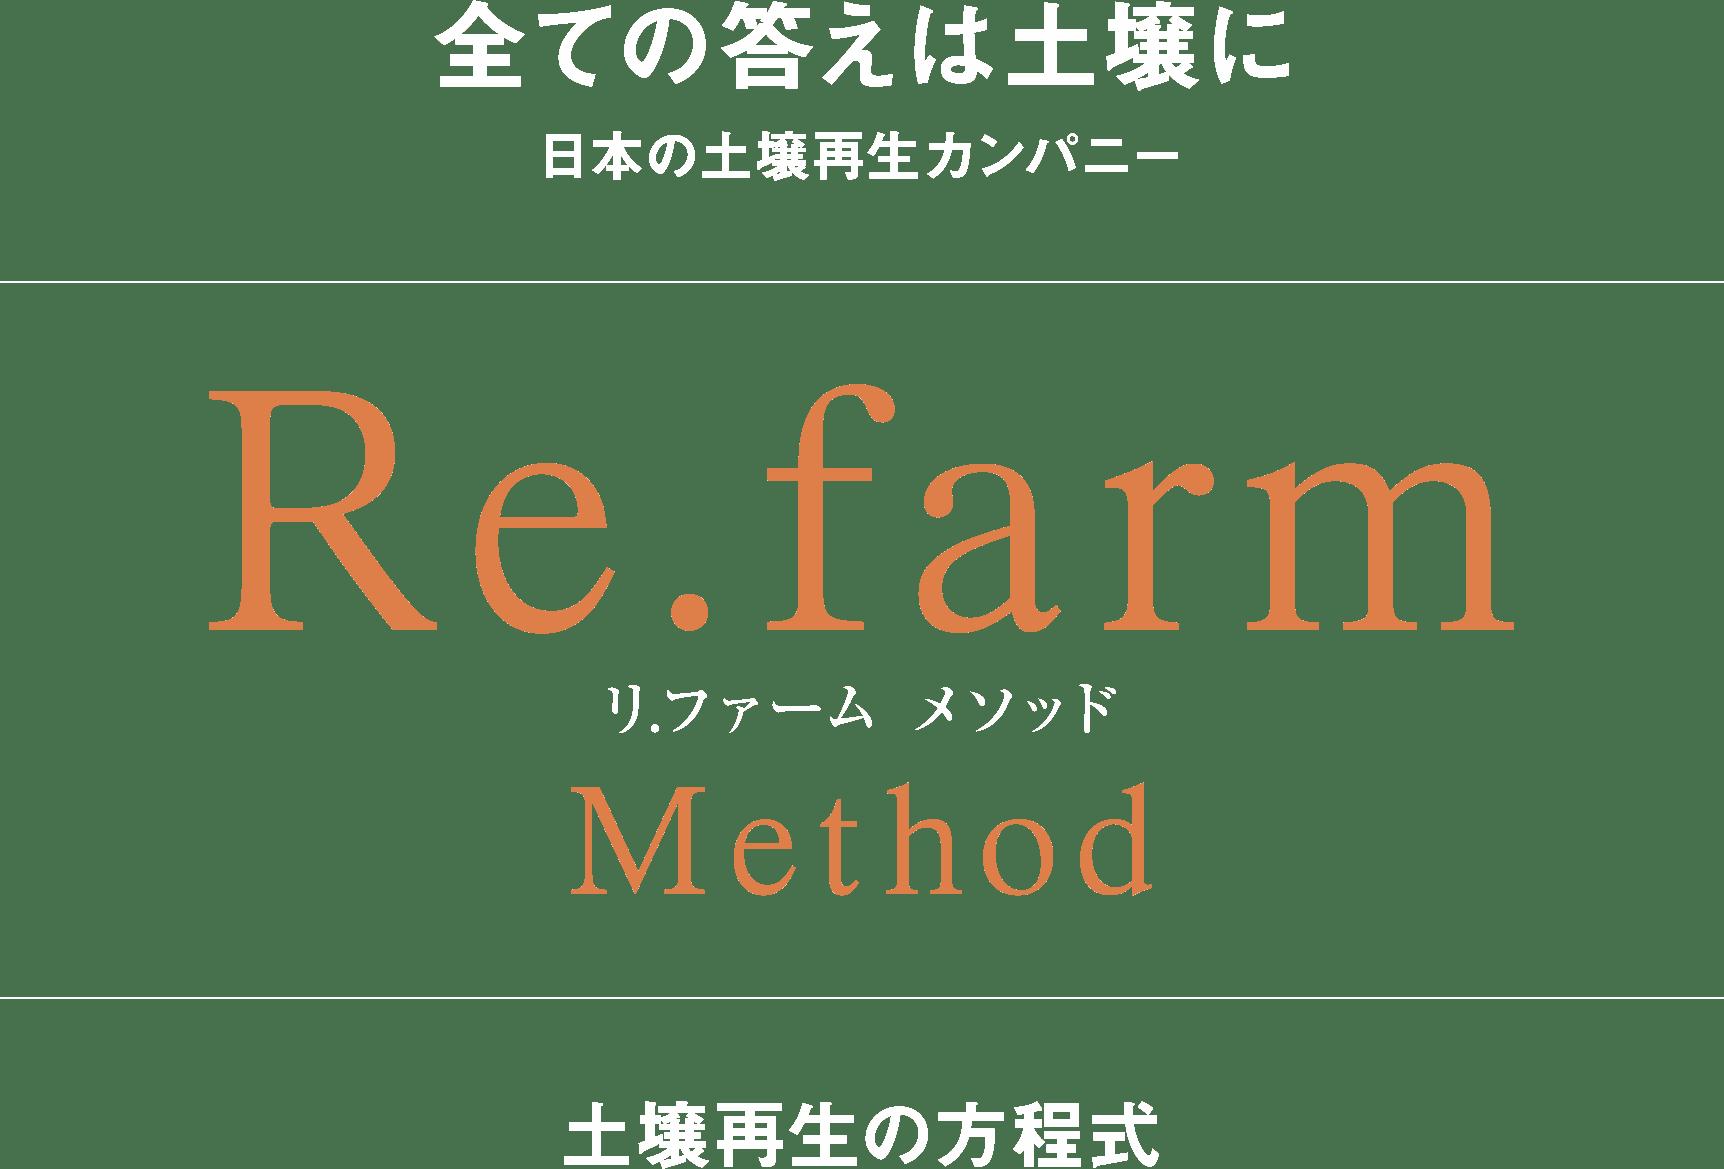 土壌再生の方程式 Re.farm Methodo リ.ファーム メソッド